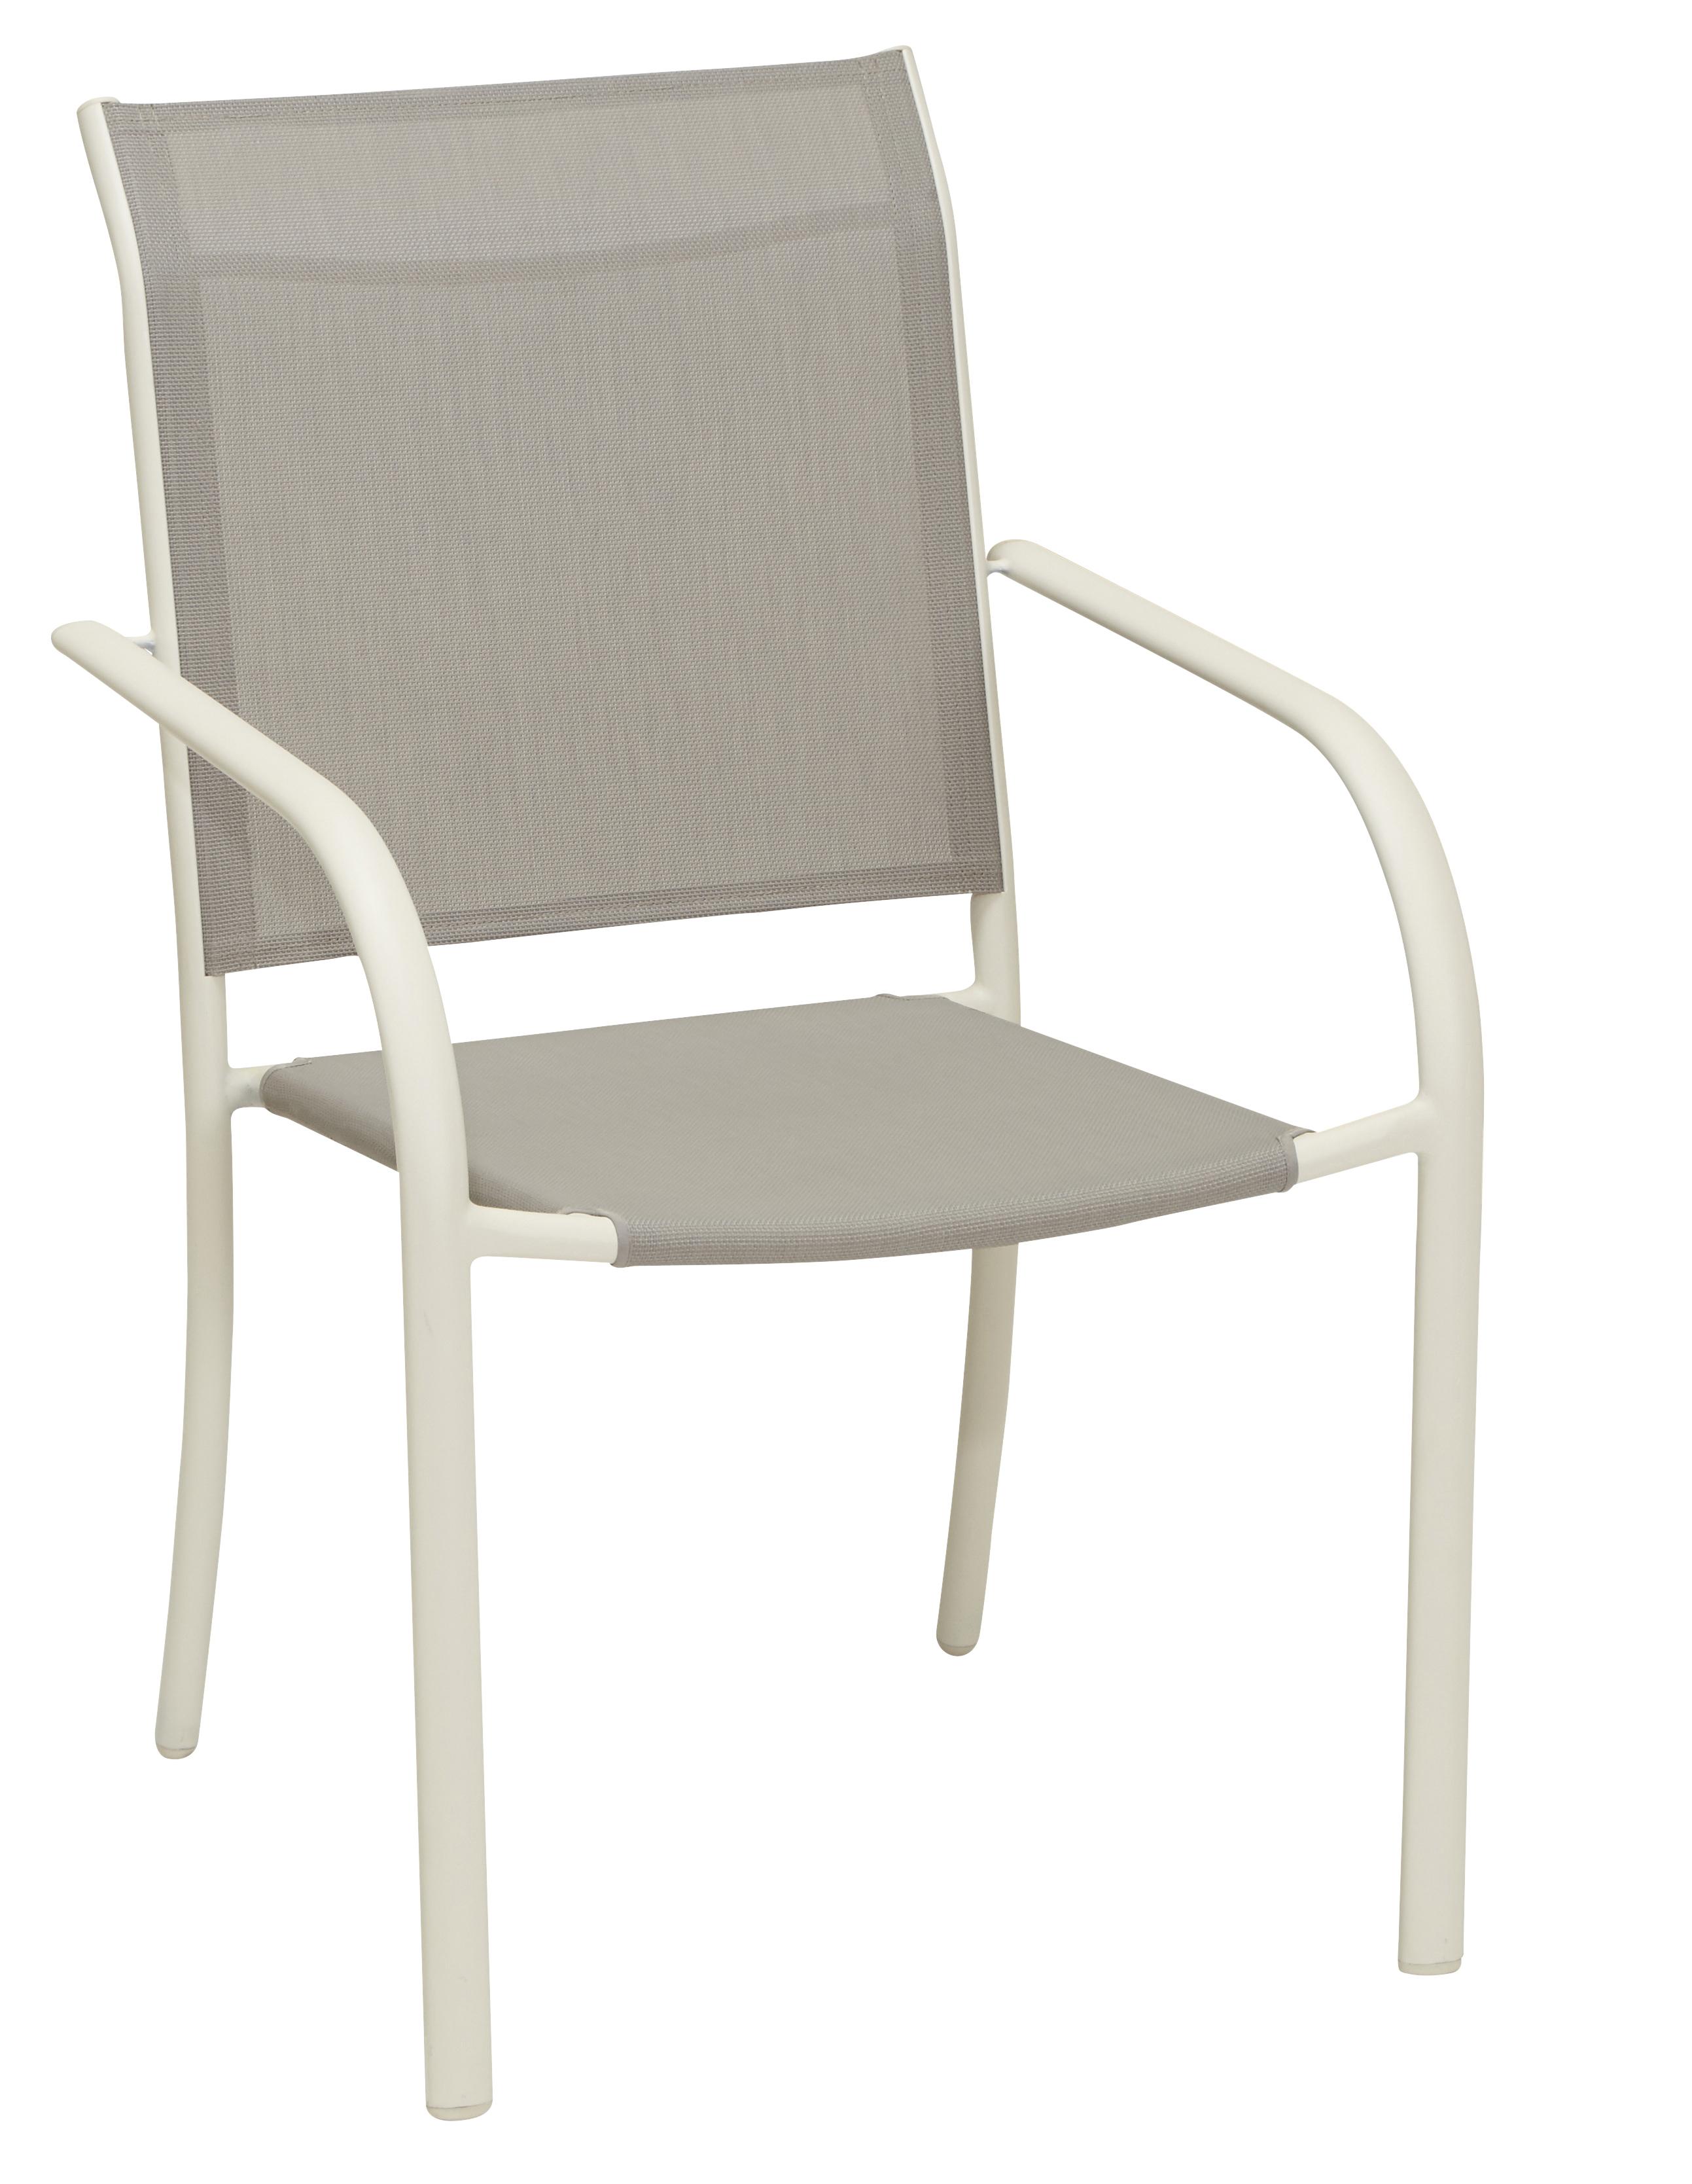 Tables et chaises : Mobilier de jardin pas cher en Livraison ...